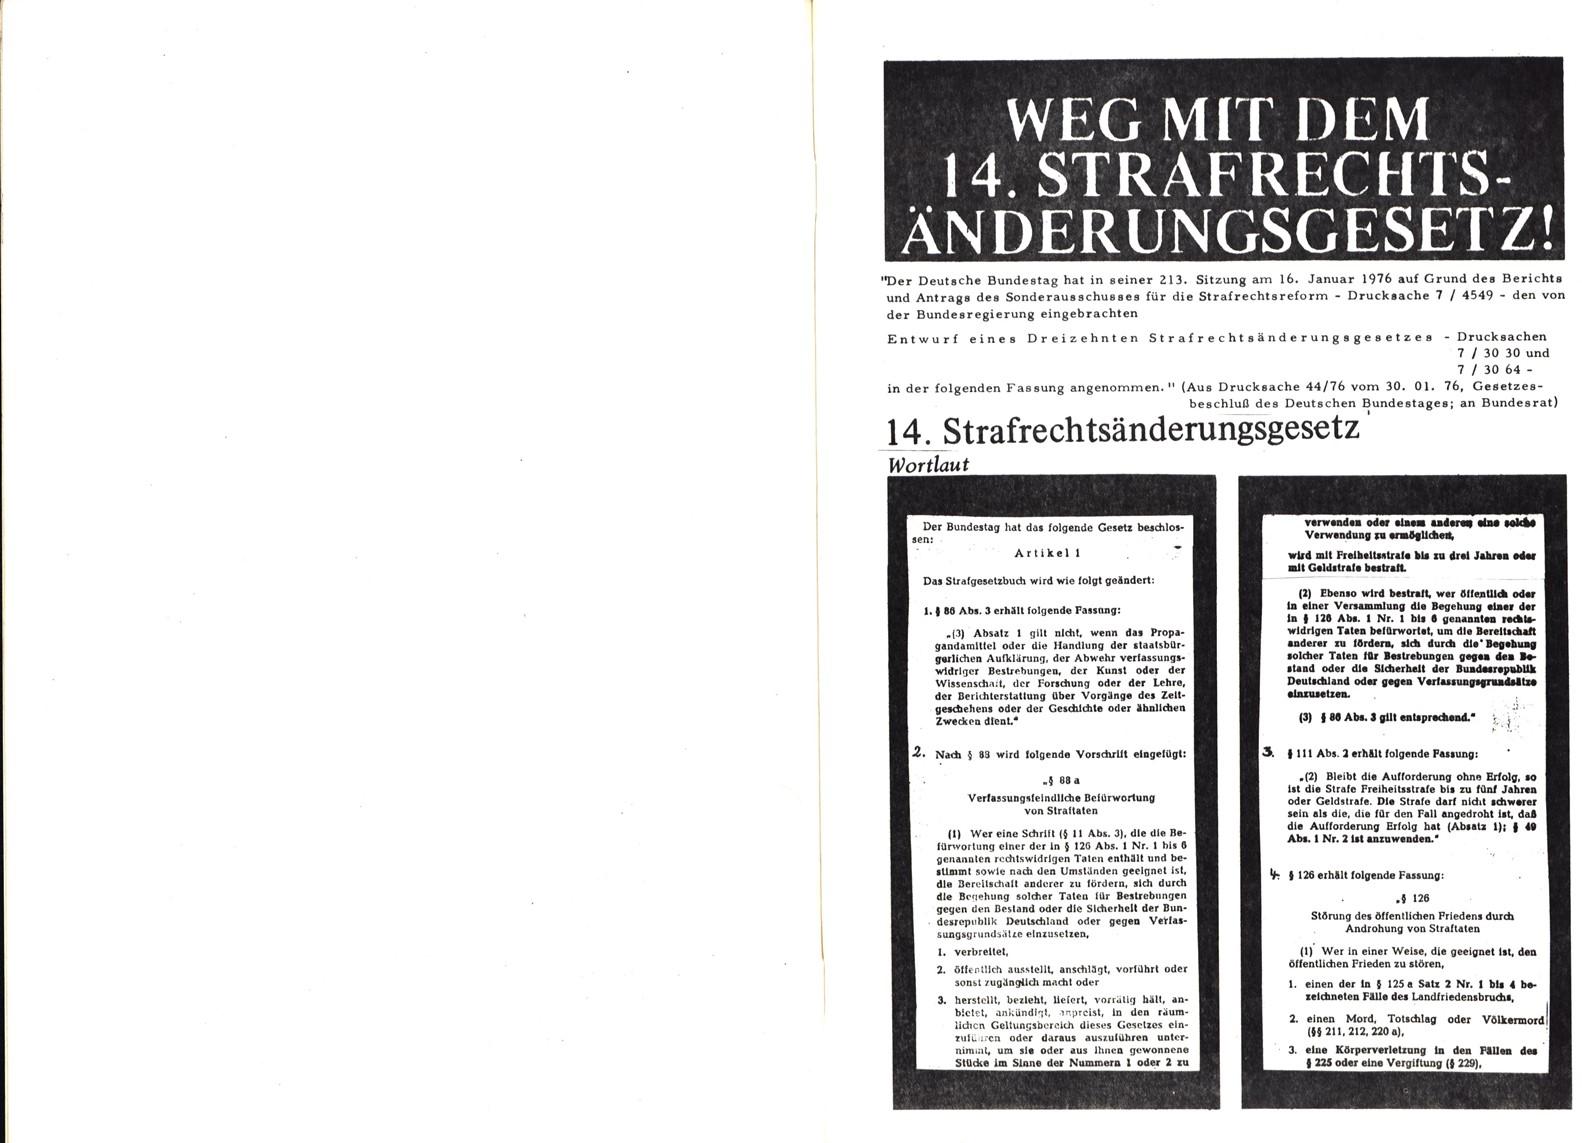 VSK_Kaempfende_Kunst_19760200_Sonderdruck_03